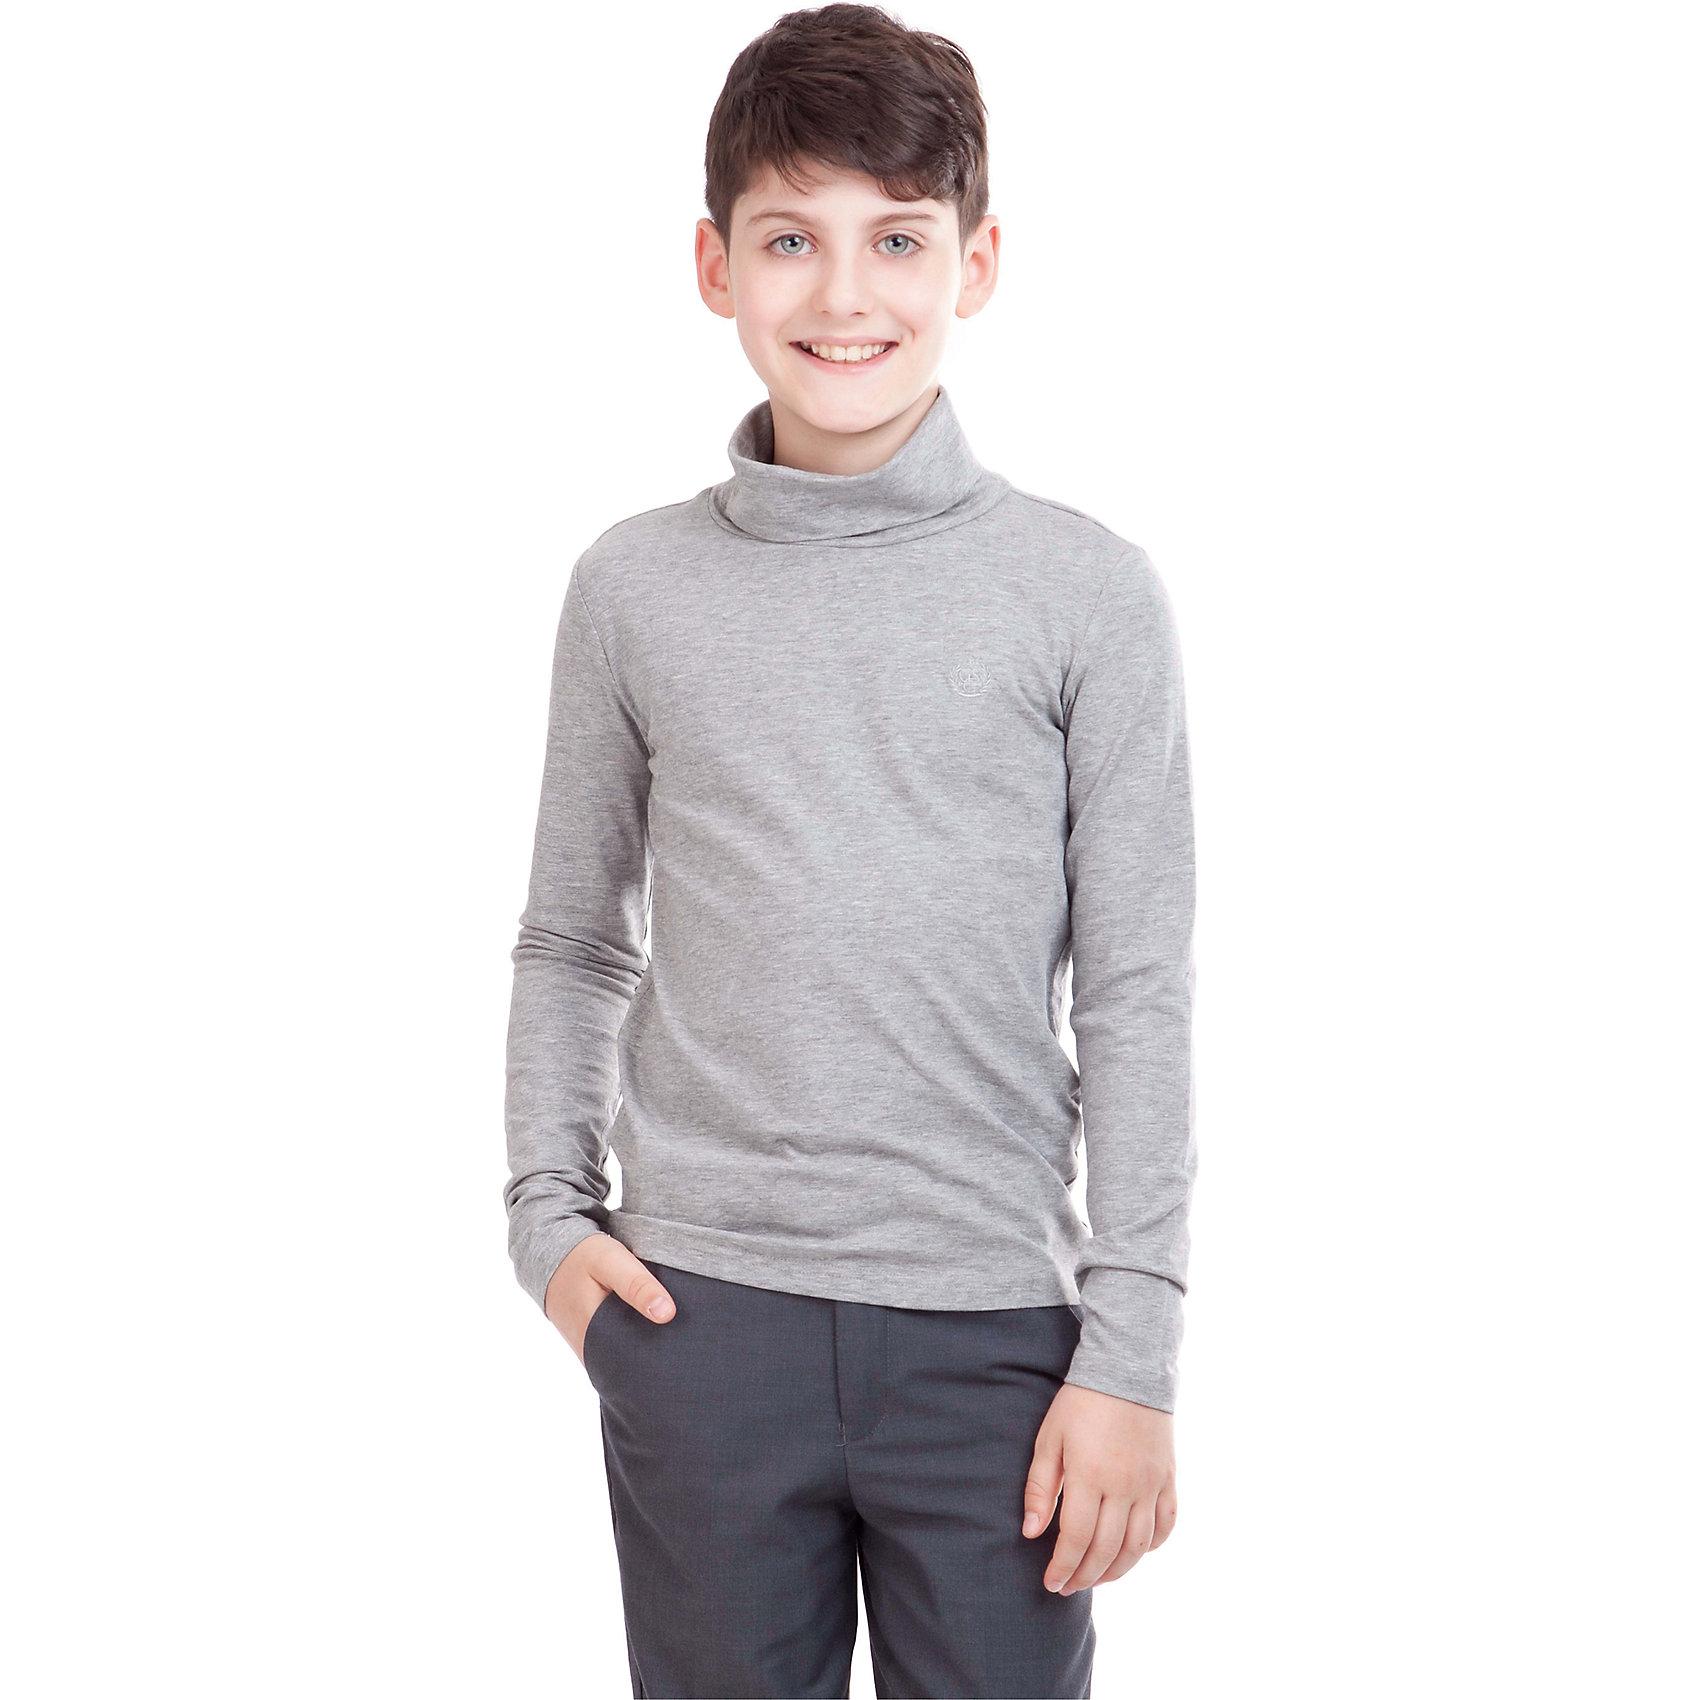 Водолазка для мальчика GulliverВодолазка для мальчика от российского бренда Gulliver.<br>Водолазка на каждый день должна быть удобной и практичной,  ведь это базовая вещь в гардеробе ребенка. Трикотажное полотно с эластаном обеспечивает комфортное прилегание к фигуре и комфорт в носке.<br>Состав:<br>95% хлопок        5% эластан<br><br>Ширина мм: 230<br>Глубина мм: 40<br>Высота мм: 220<br>Вес г: 250<br>Цвет: серый<br>Возраст от месяцев: 84<br>Возраст до месяцев: 96<br>Пол: Мужской<br>Возраст: Детский<br>Размер: 128,158,152,146,140,134,122<br>SKU: 4174502